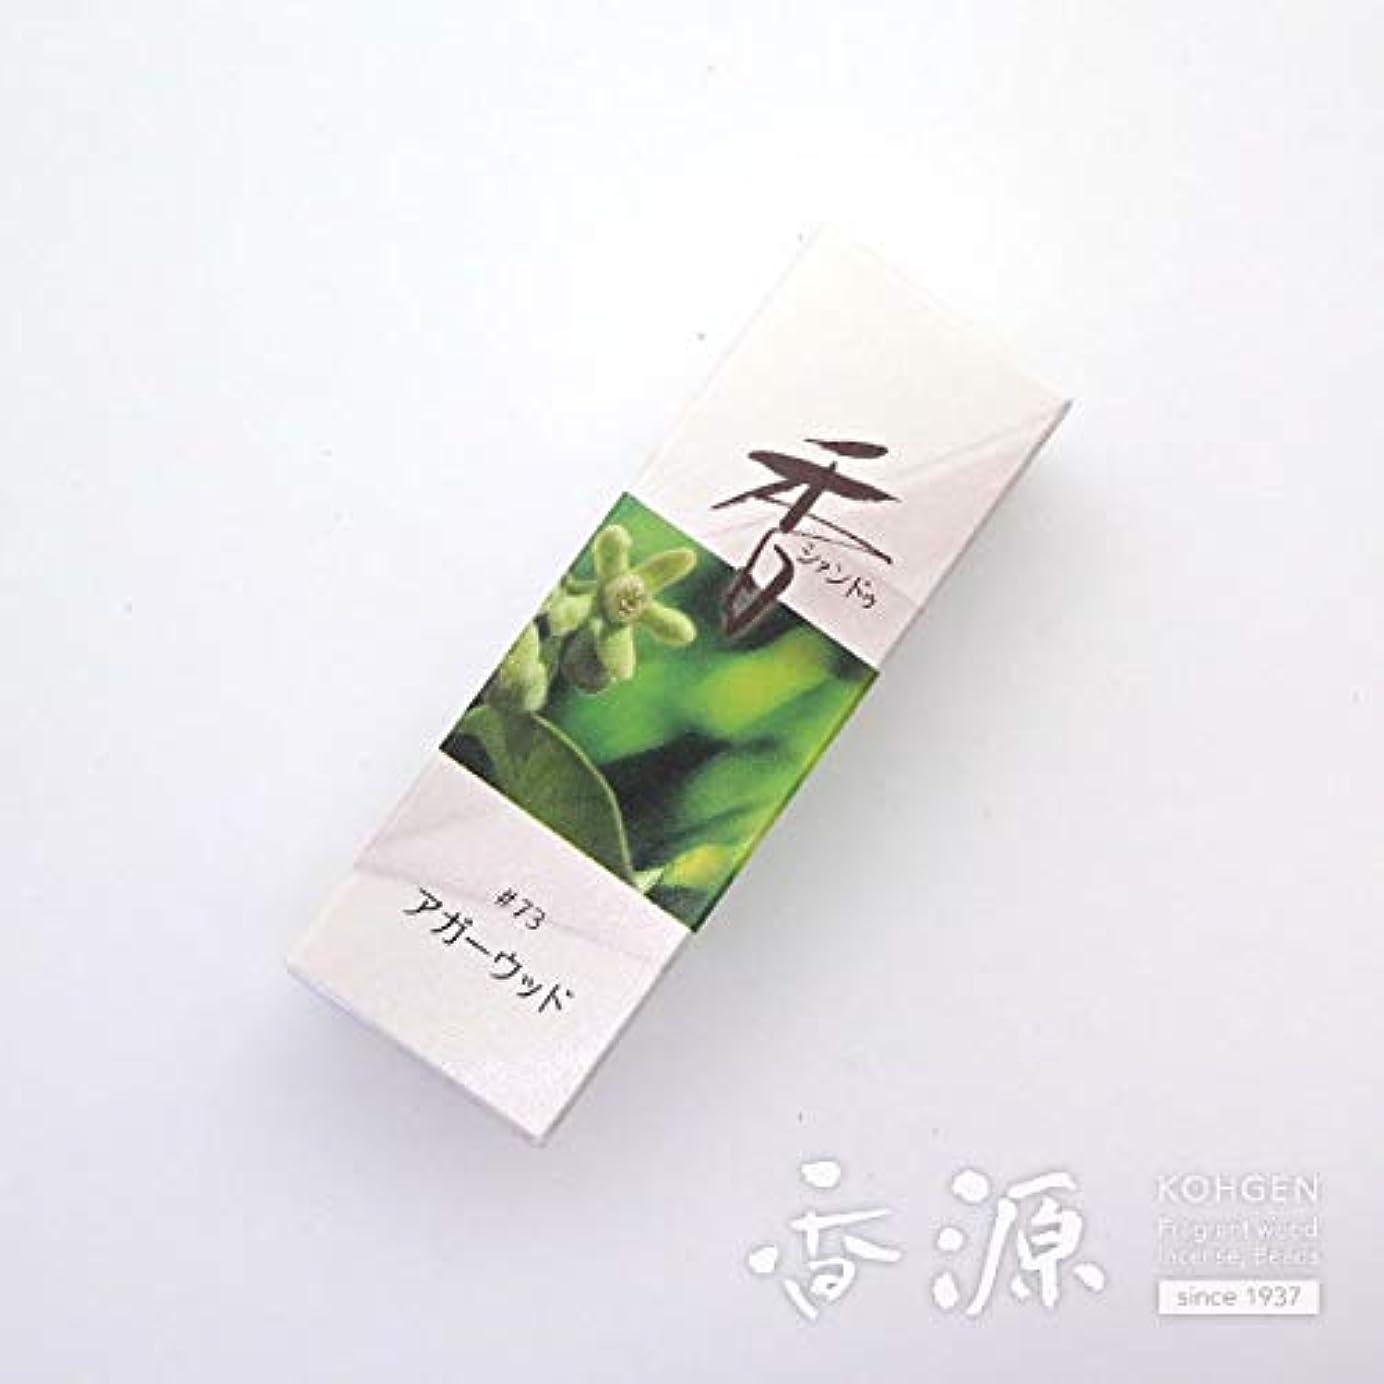 意味するその後死ぬ松栄堂のお香 Xiang Do(シャンドゥ) アガーウッド ST20本入 簡易香立付 #214273